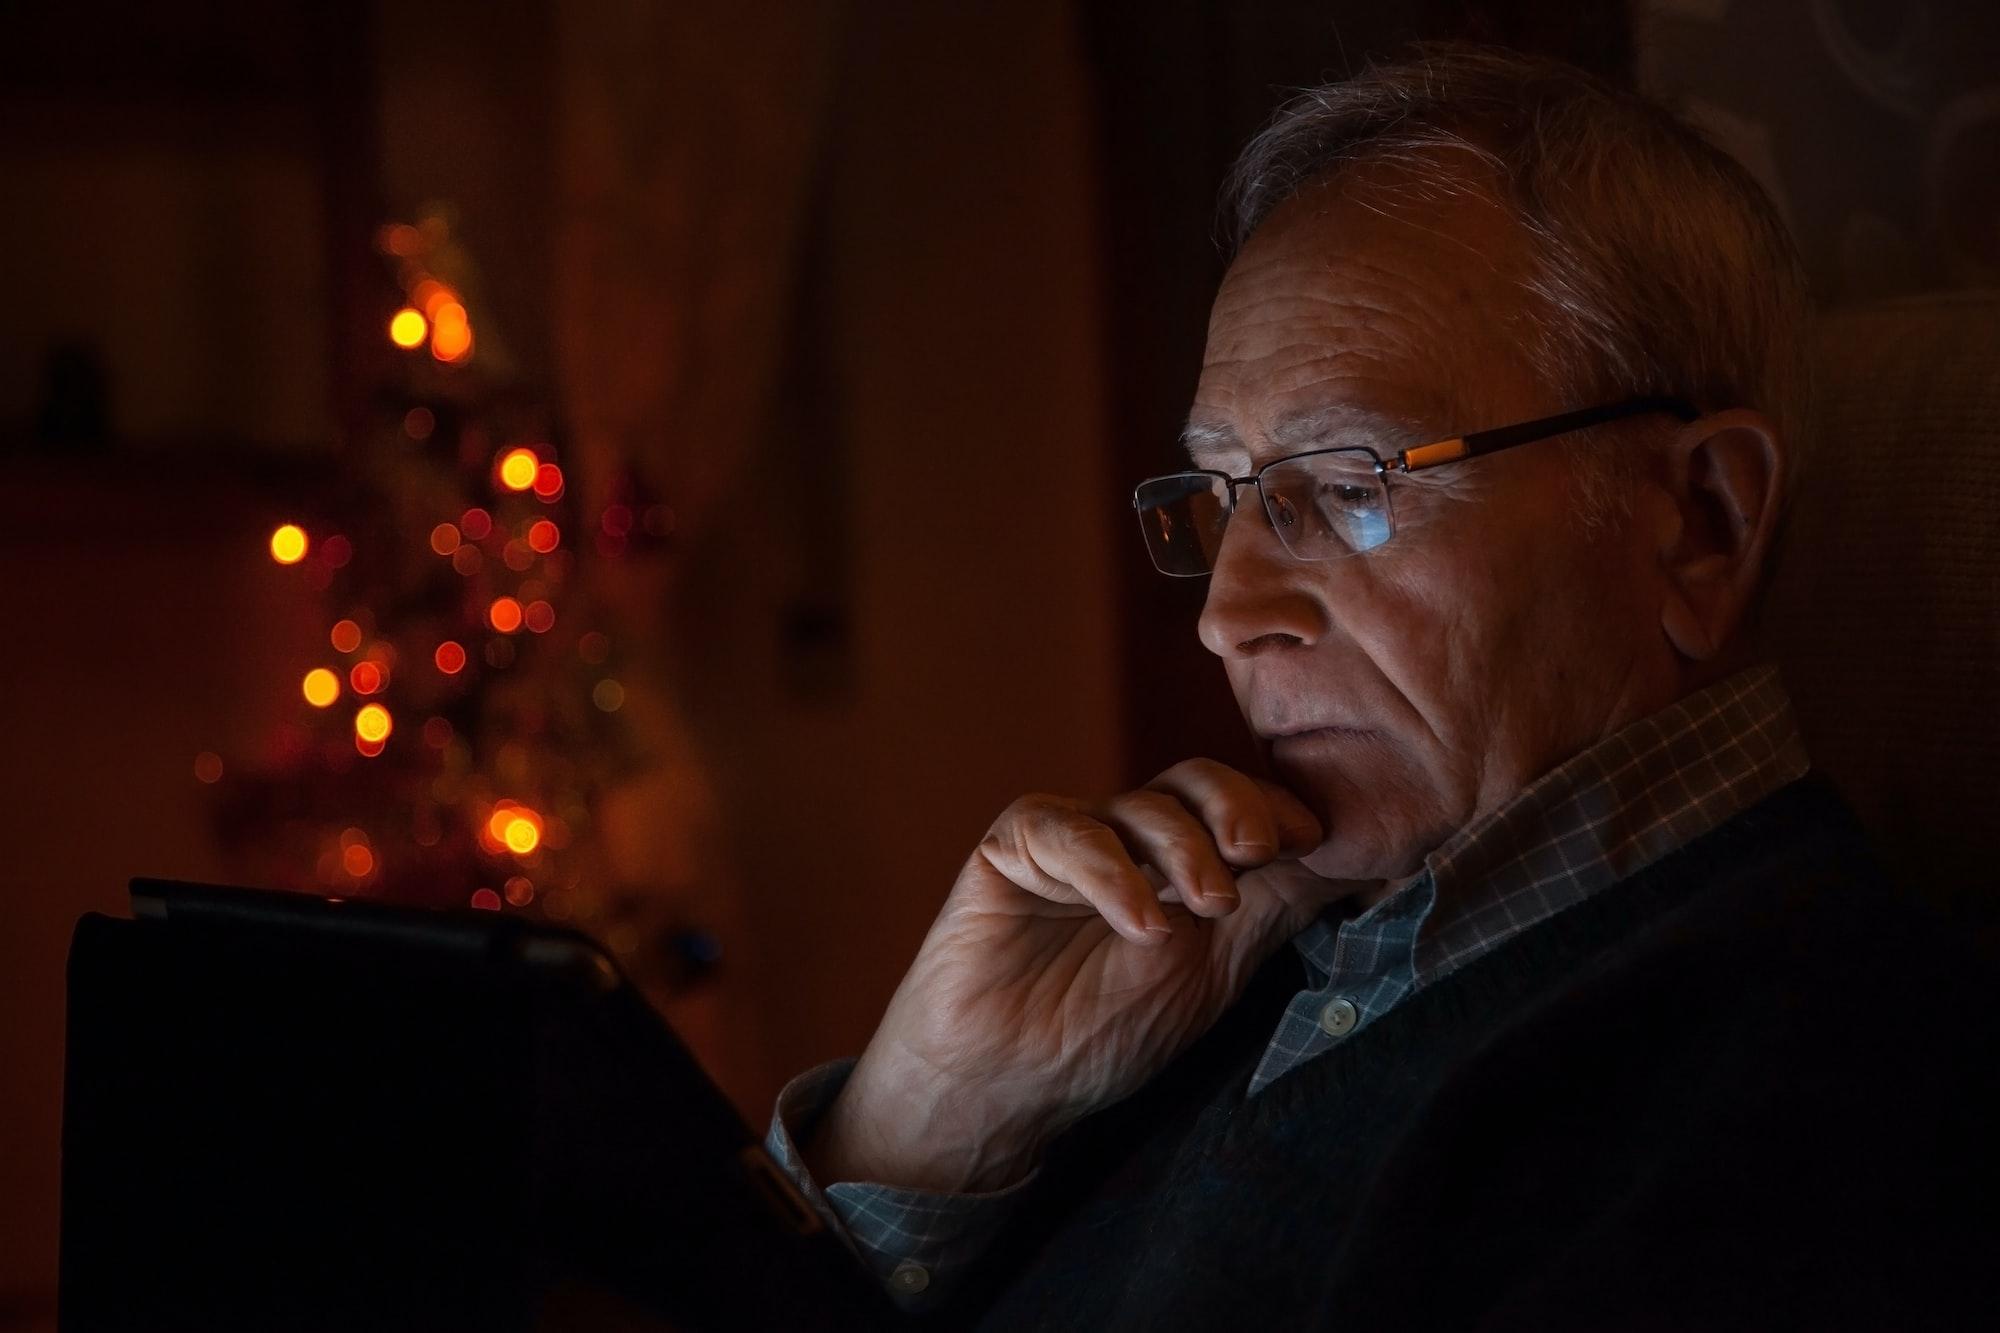 Tablet gratuita para jubilados. ¿Fantasía o realidad?